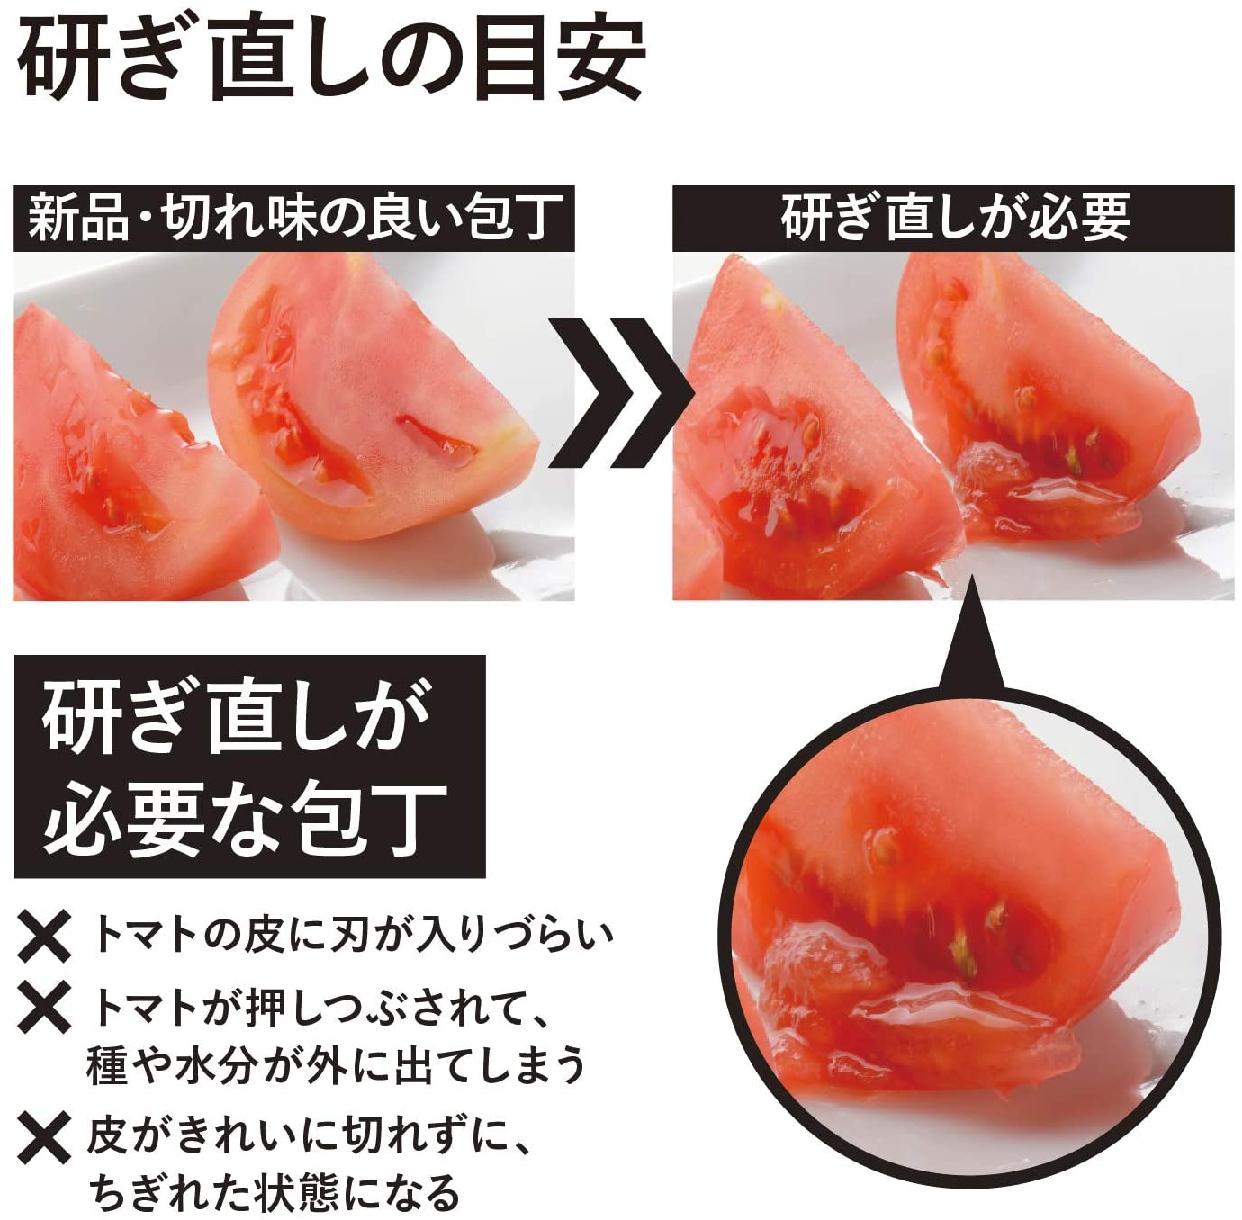 貝印(KAI) コンビ 砥石セット (#400・#1000) 日本製 グレー AP0305の商品画像5